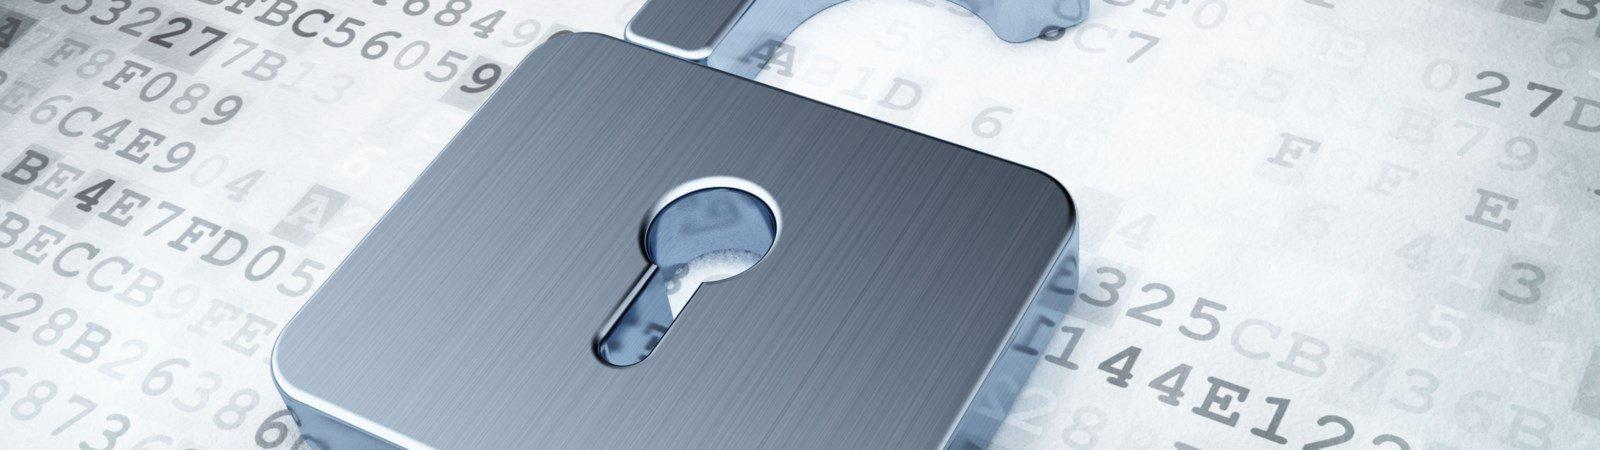 Smart Home Sicherheit: Datenschutz im vernetzten Zuhause